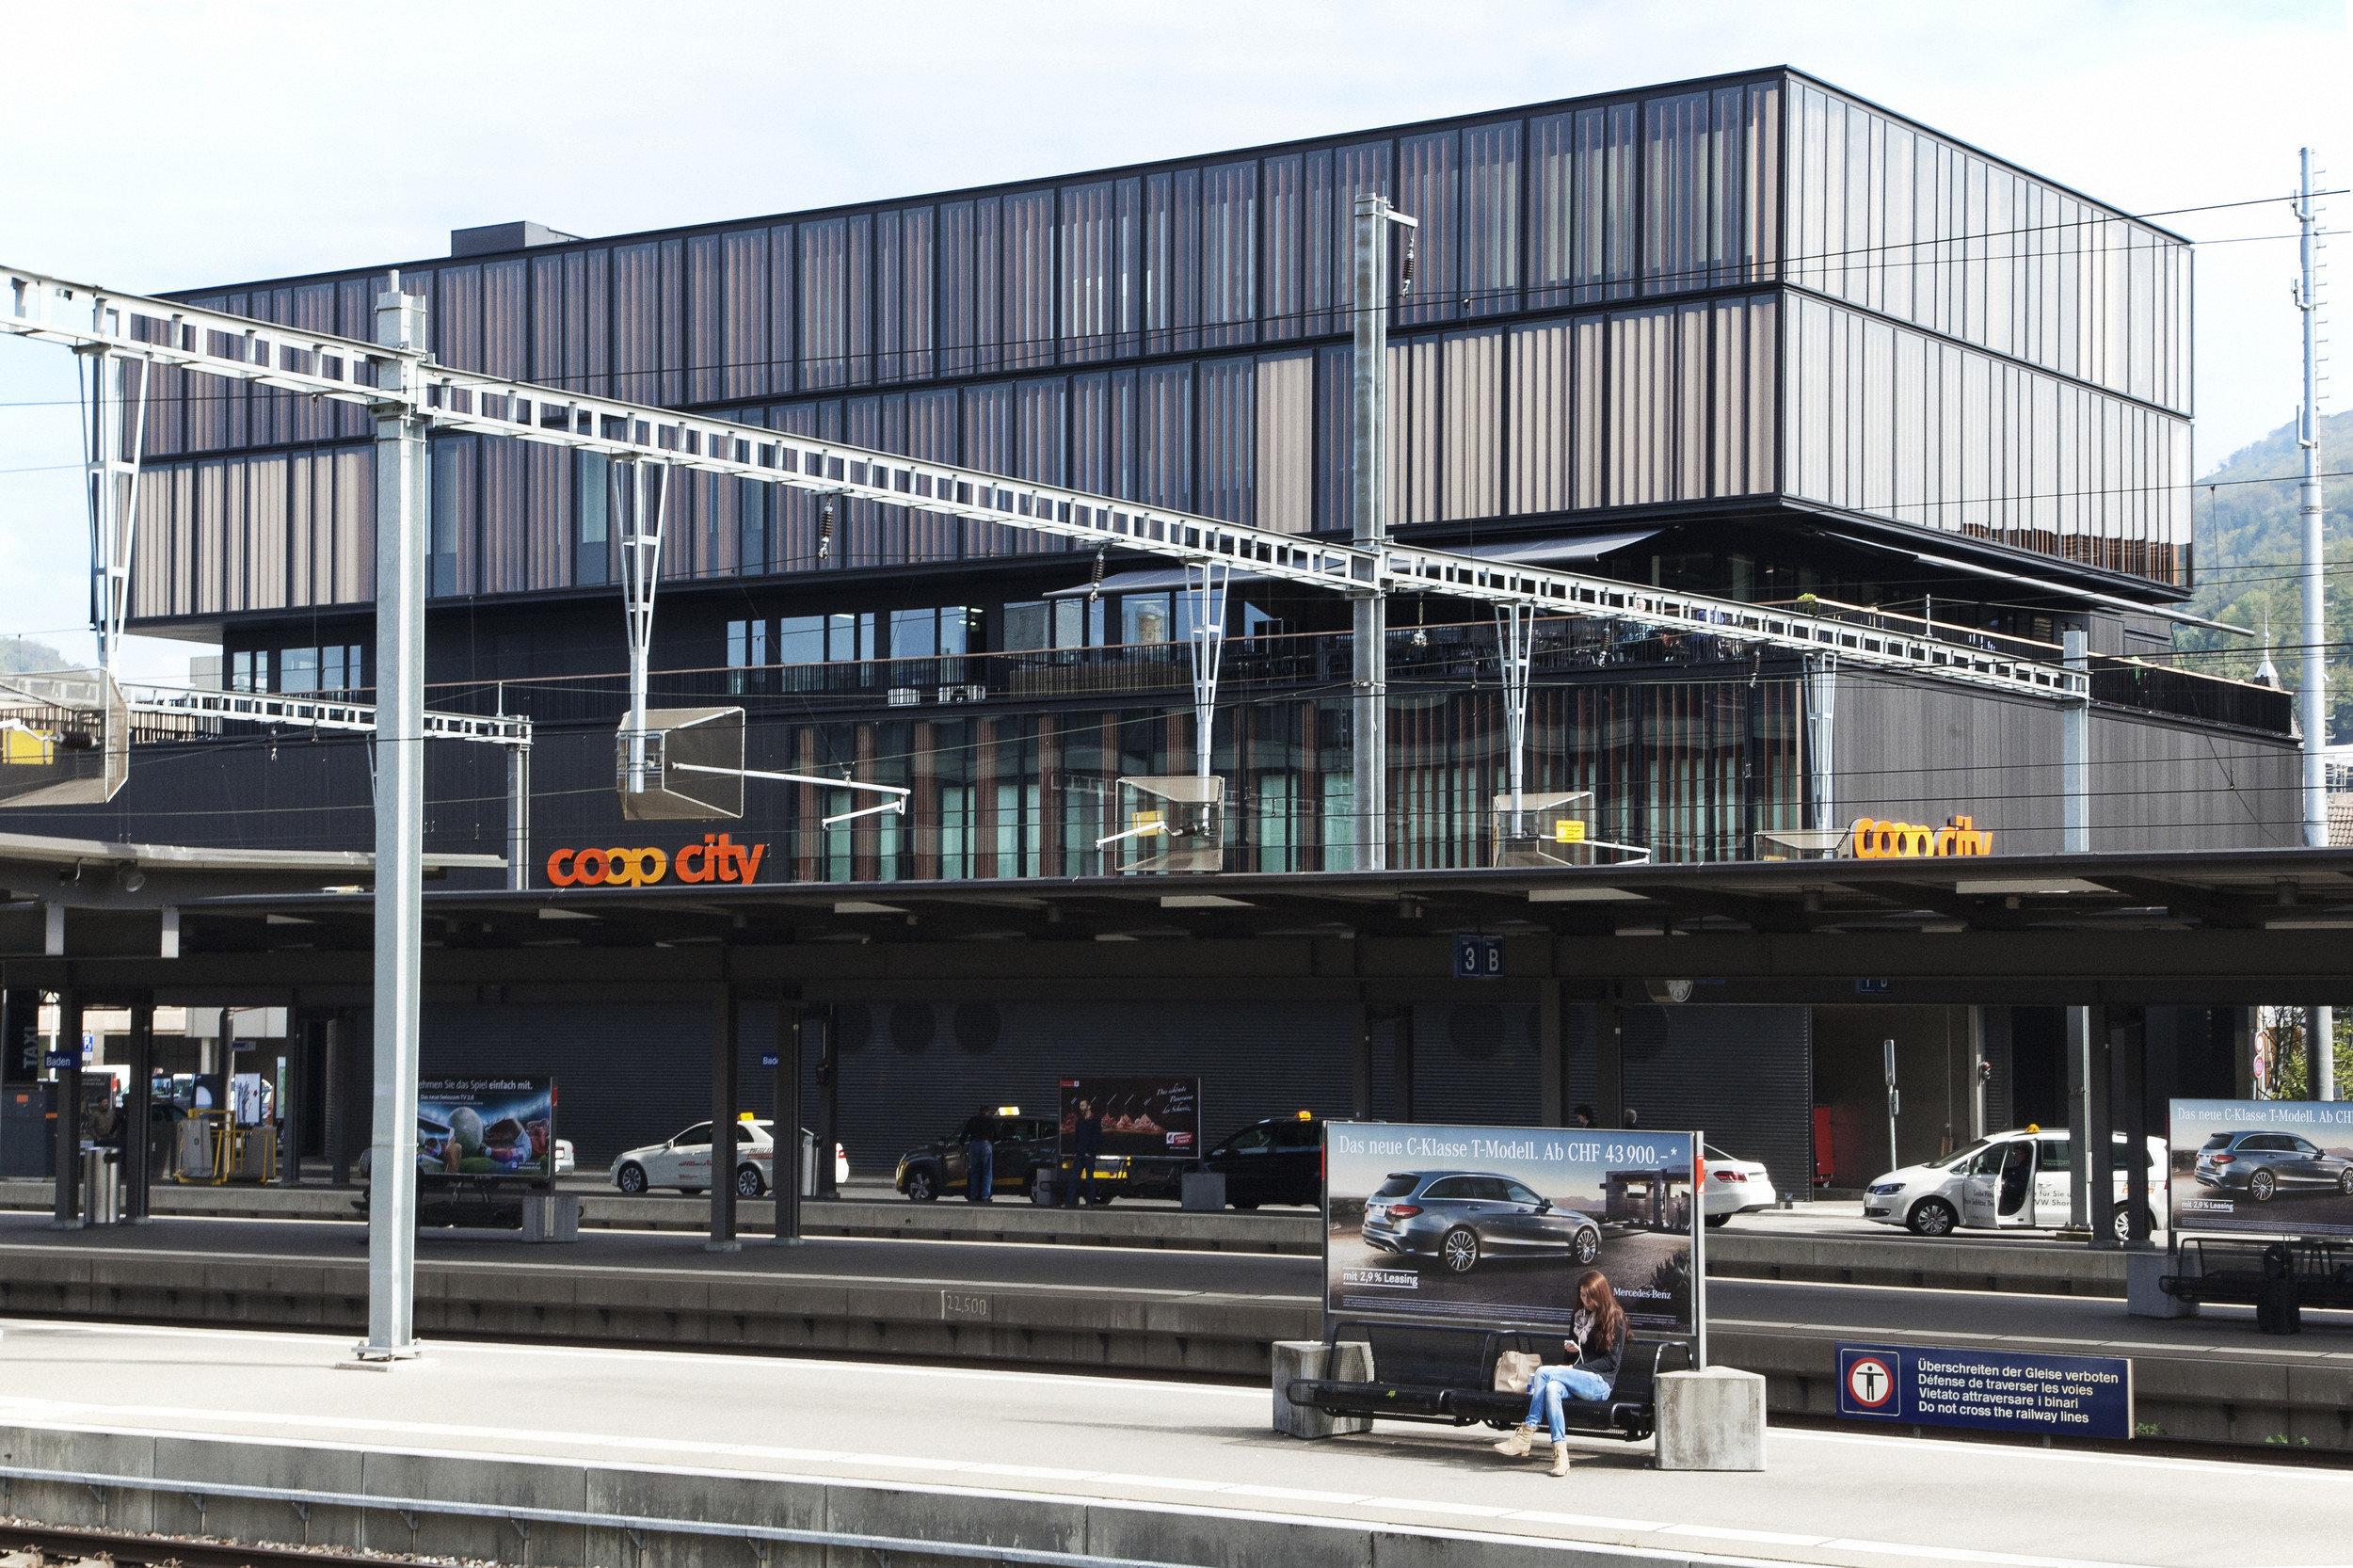 Holz-Metallfensterfront bei 4-stöckigem Warenhaus